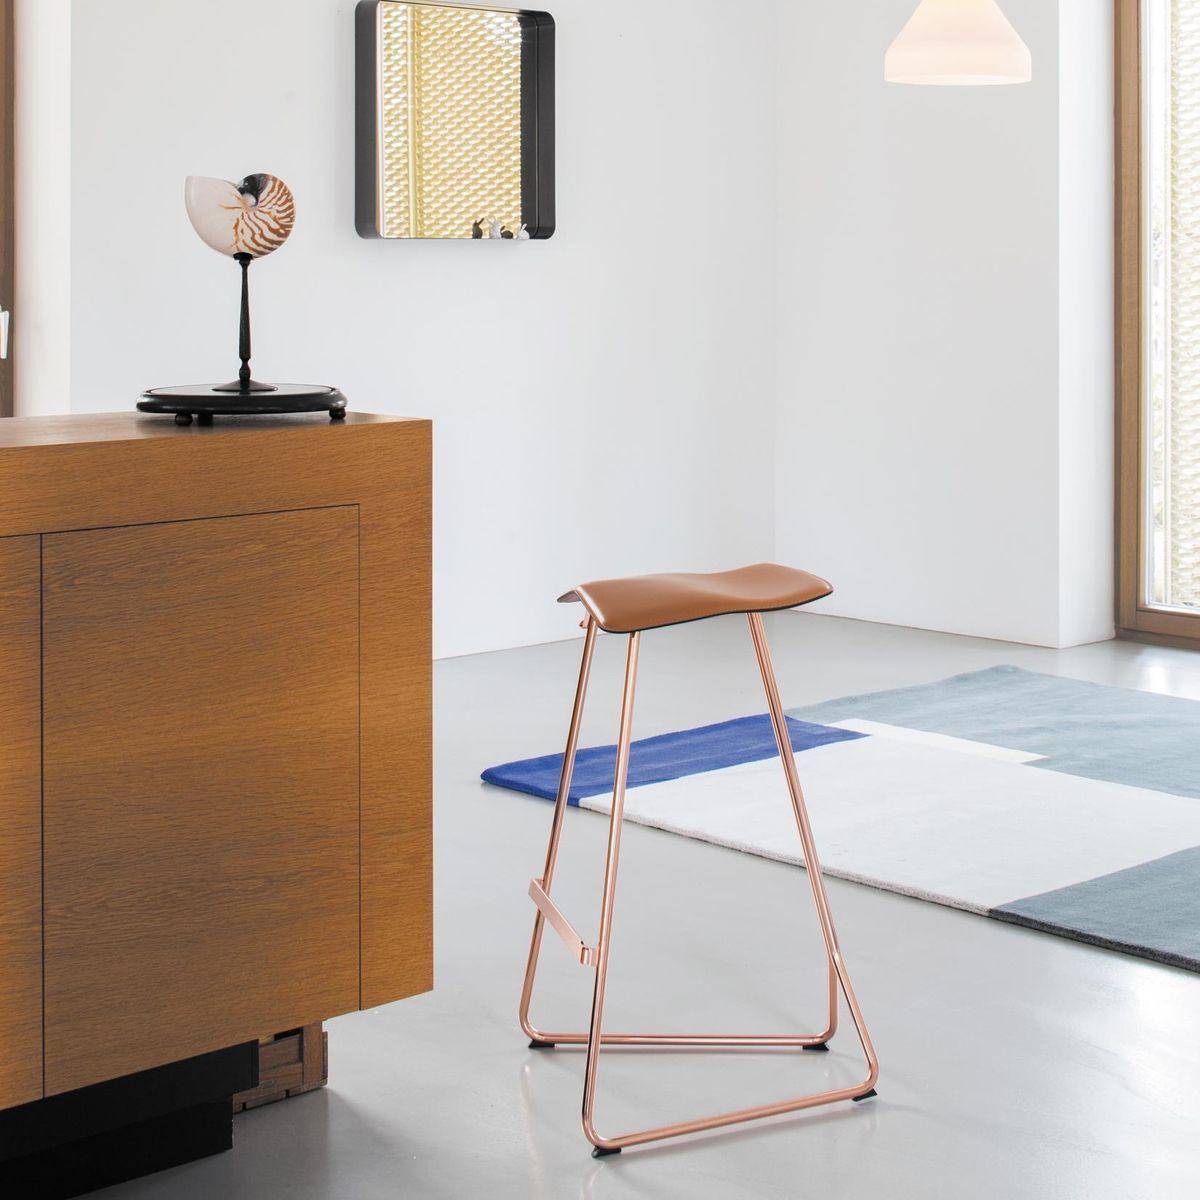 triton bar stool copper classicon. Black Bedroom Furniture Sets. Home Design Ideas